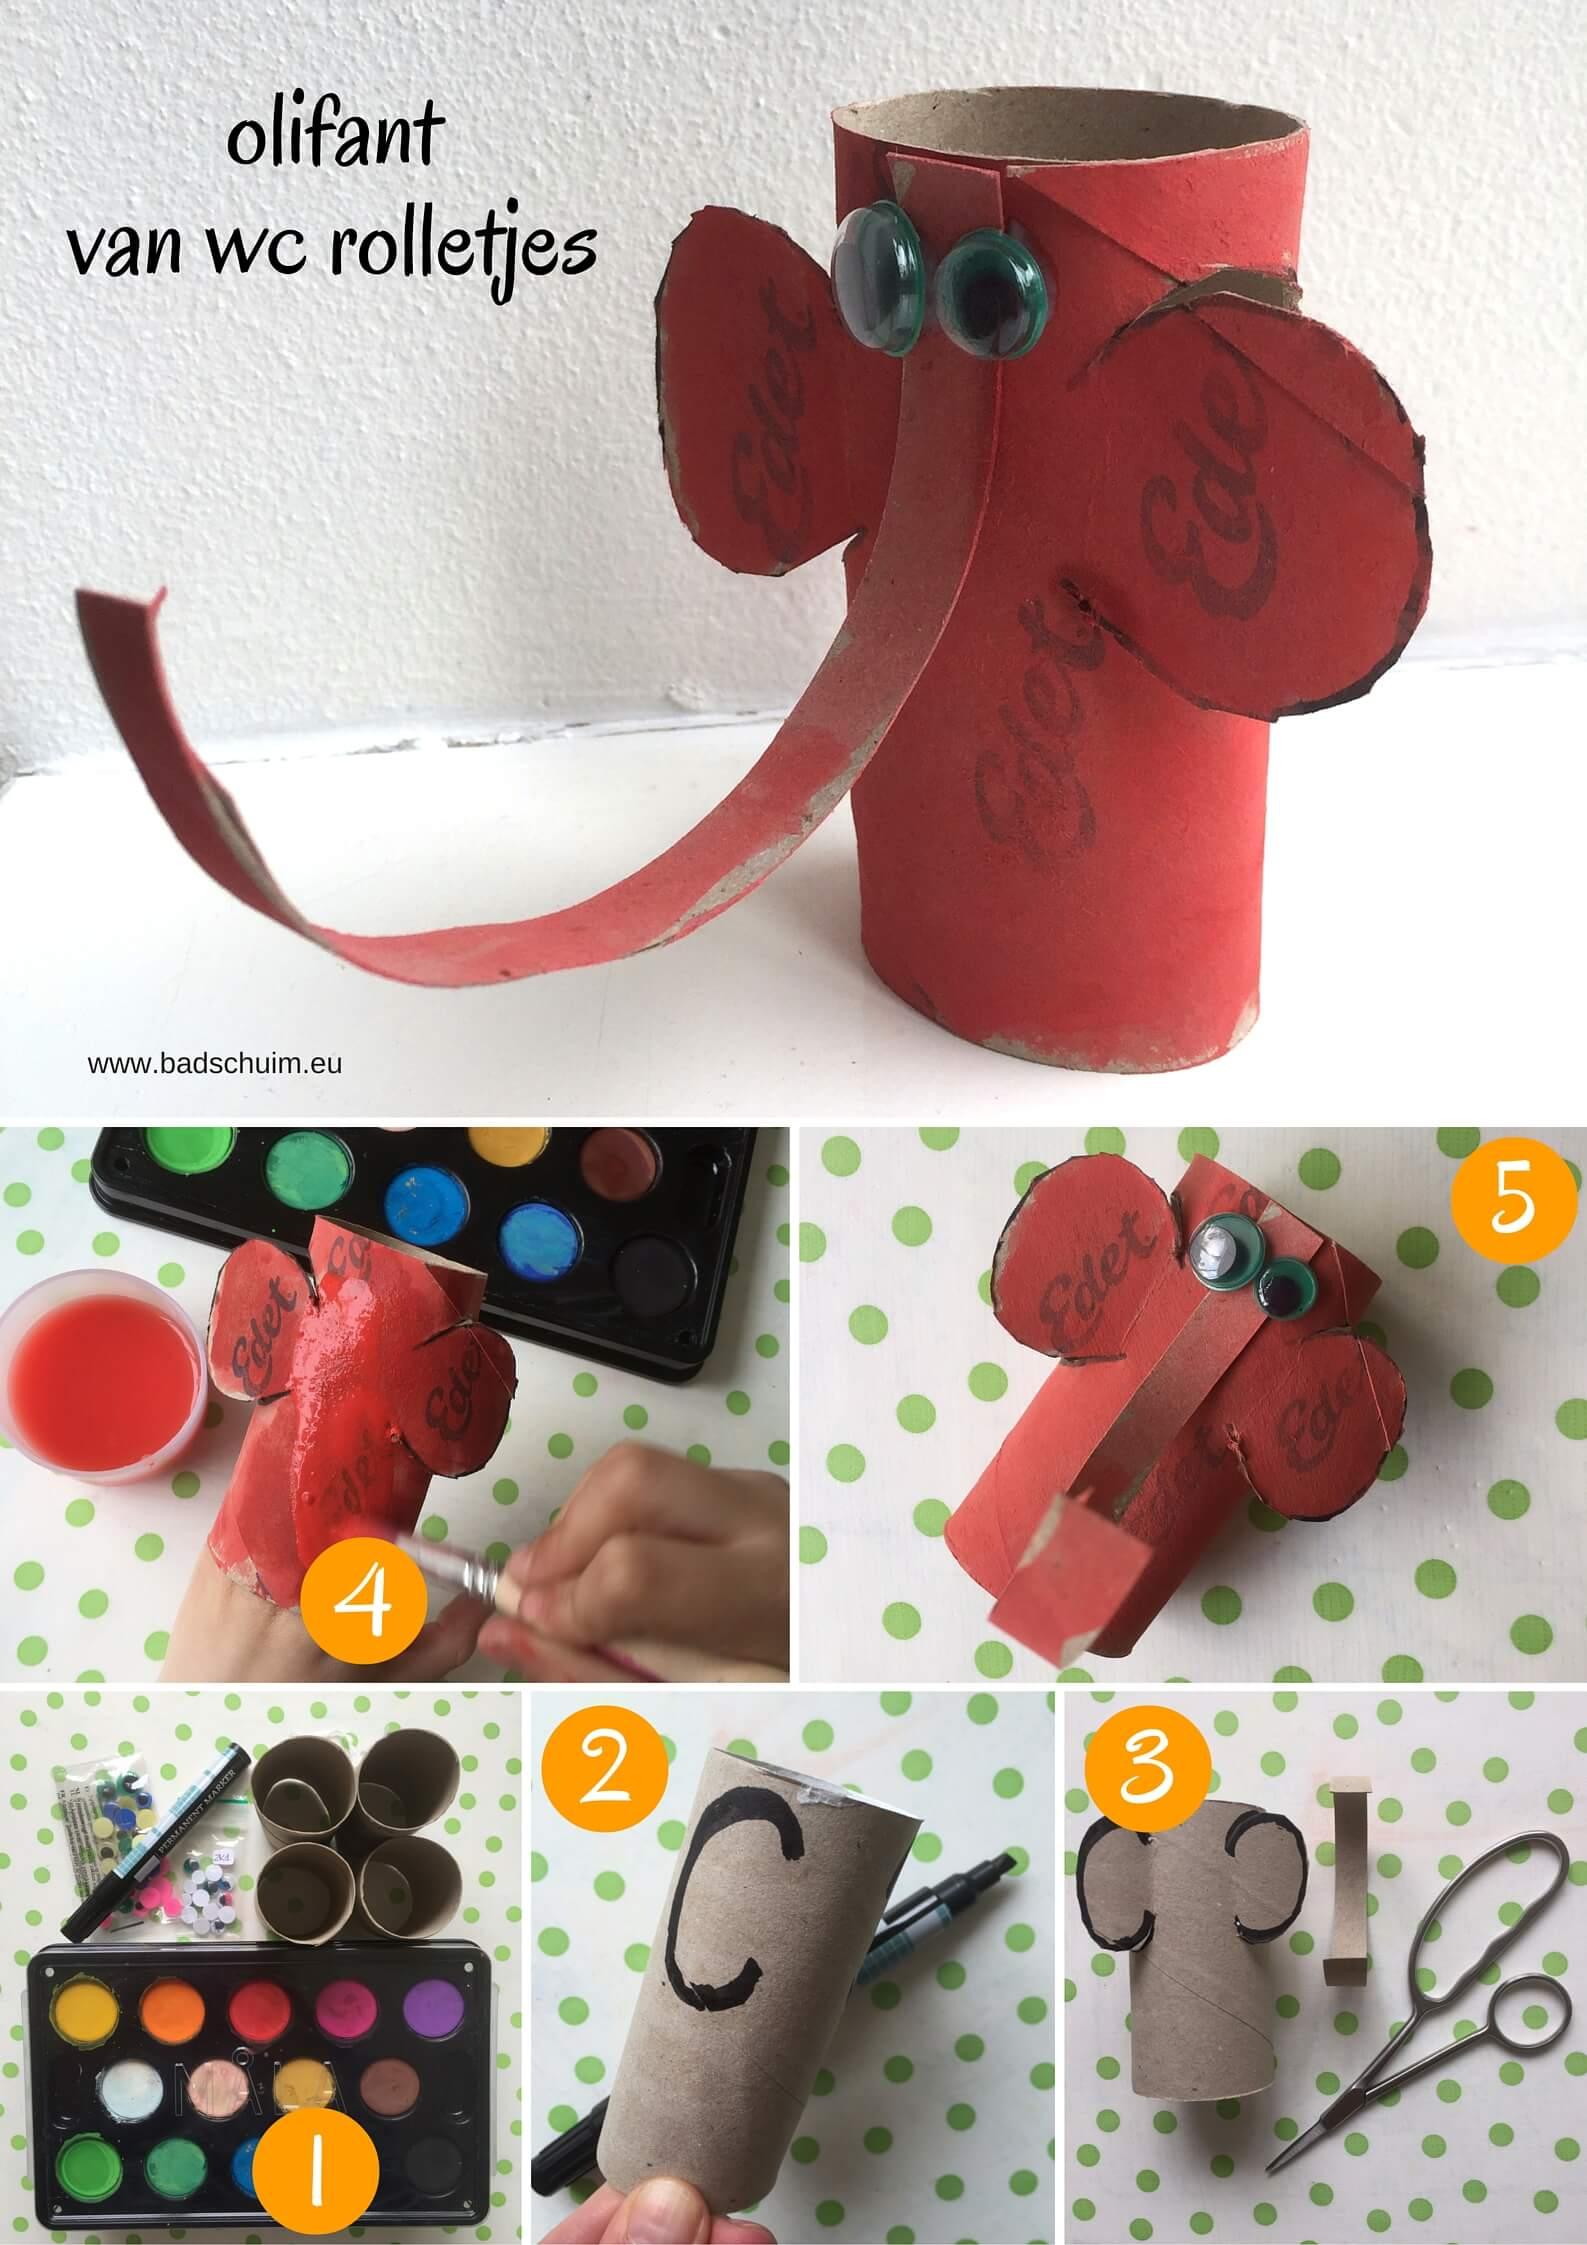 Maak je eigen dierentuin van wc rolletjes. Dit is deel 1: een olifant van een wc rolletje. Makkelijk te maken met dit foto diy stappenplan!